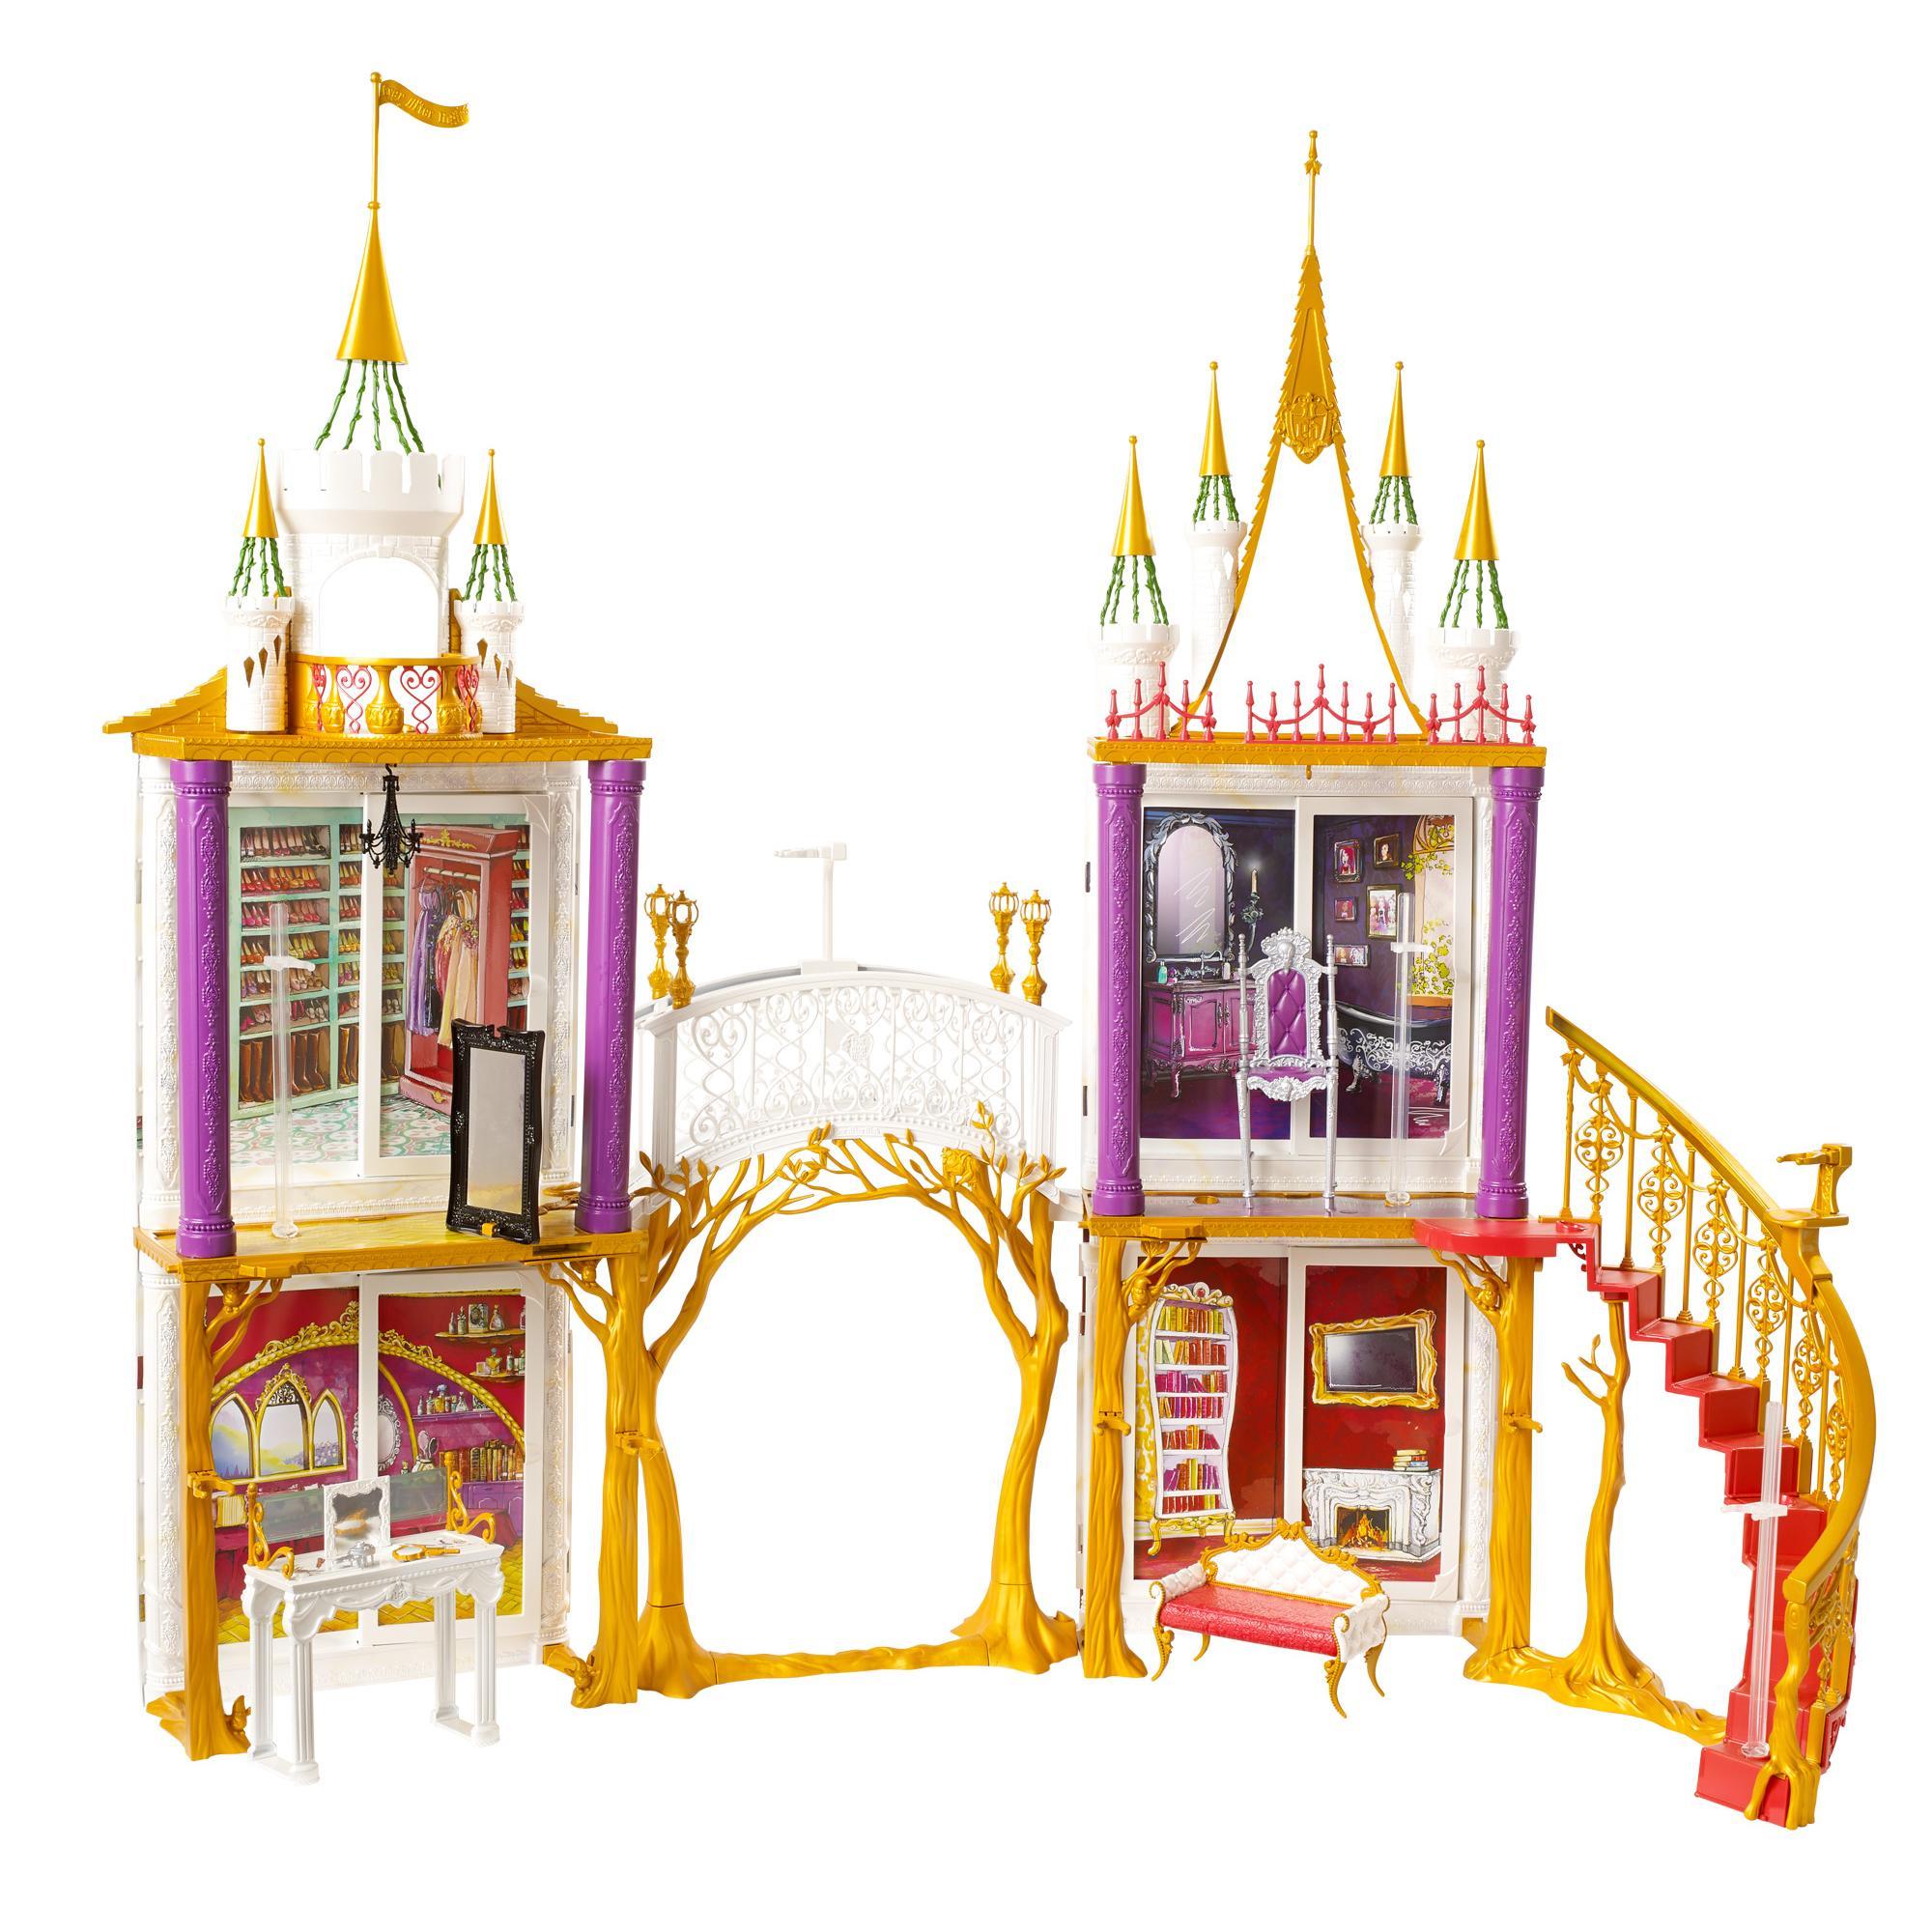 ปราสาทตุ๊กตาสุดหรู Ever After High 2-in-1 Castle Playset